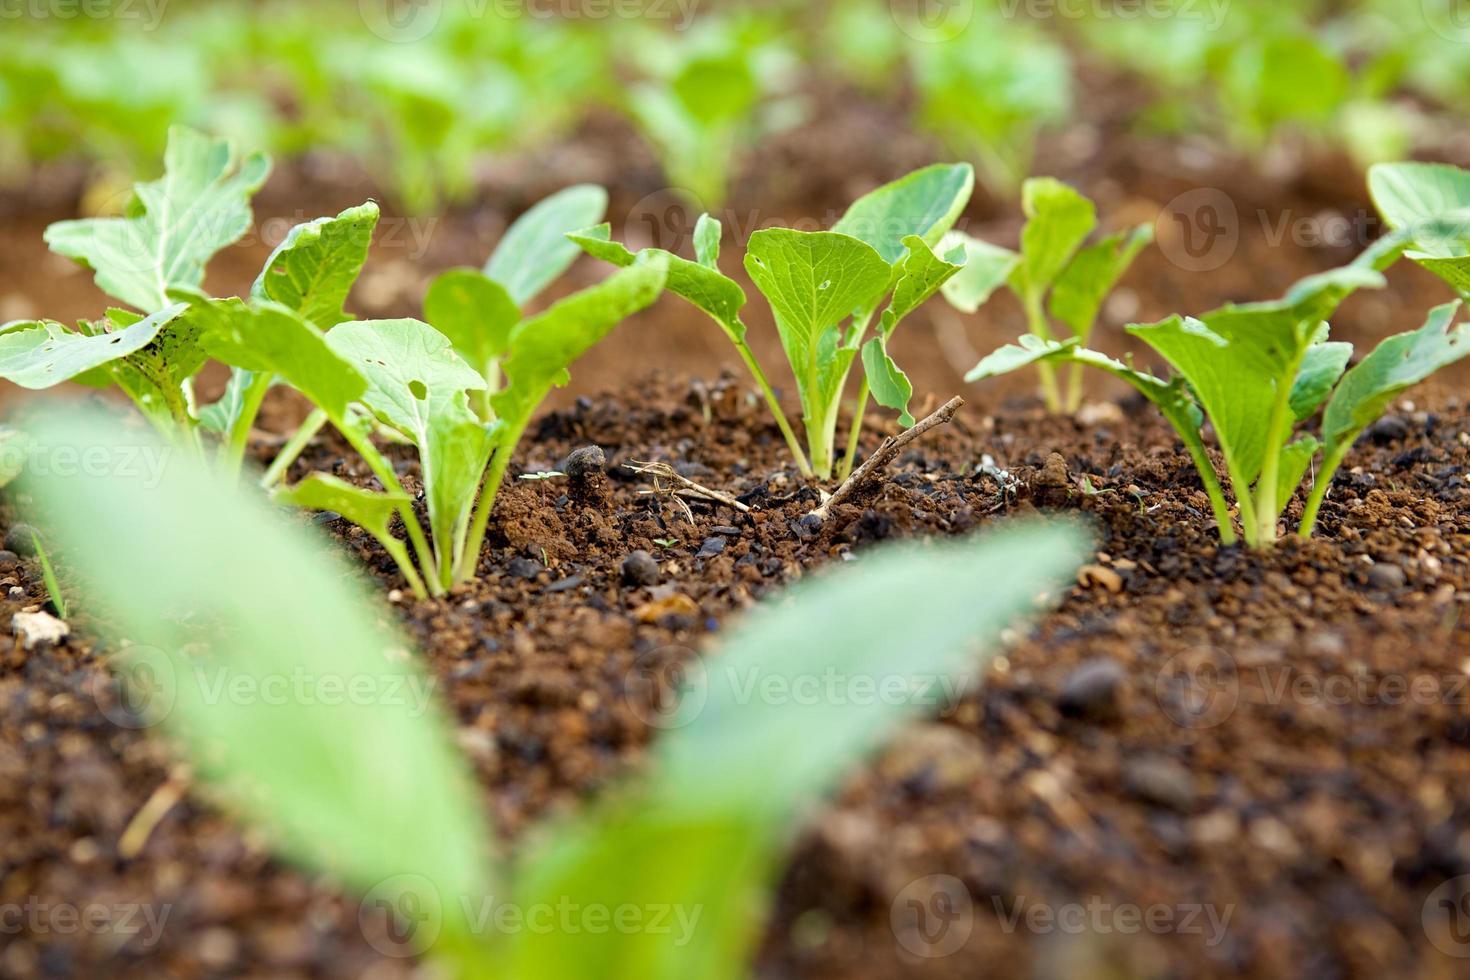 sla plantage foto